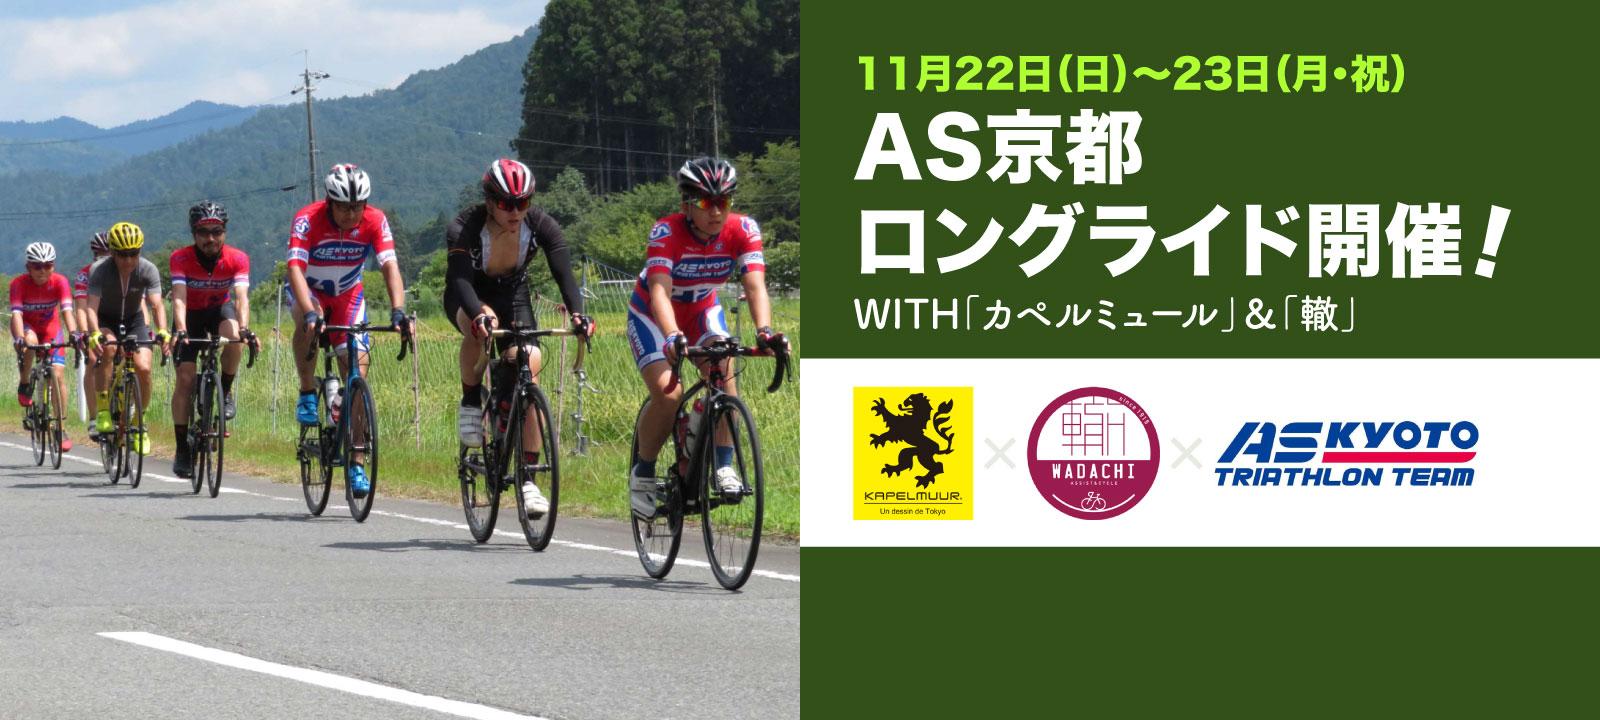 11月22日(日)~23日(月・祝)AS京都ロングライド開催!